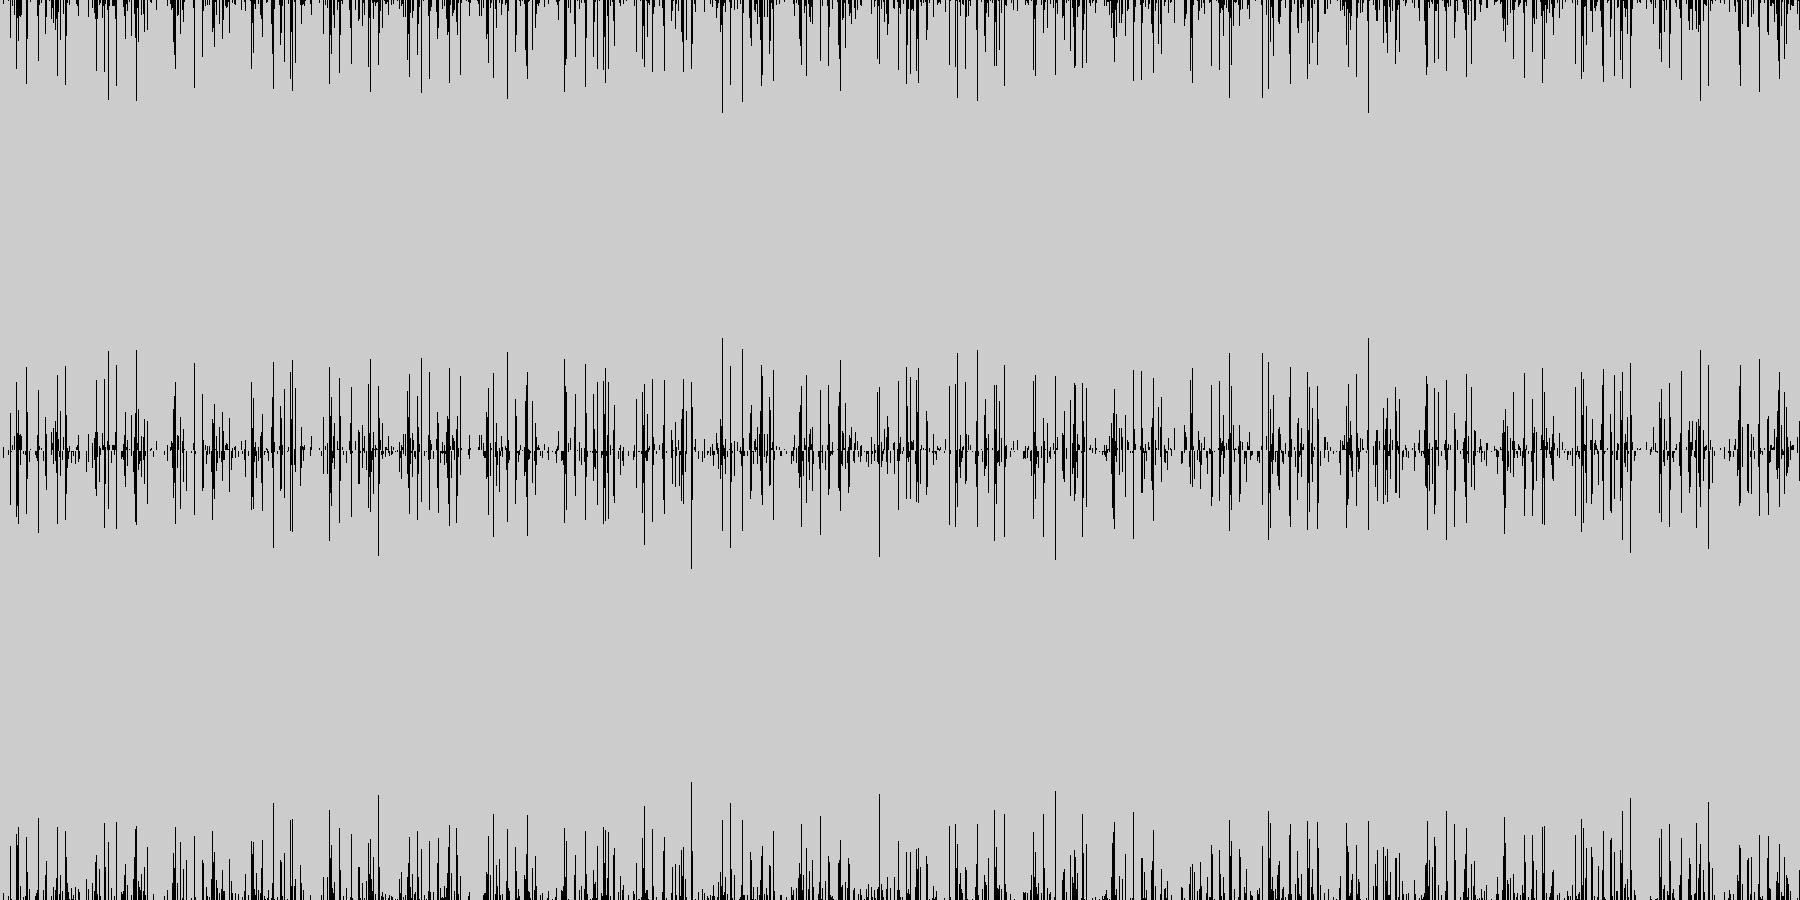 6bitなクラッシュドラムスにアナログ…の未再生の波形